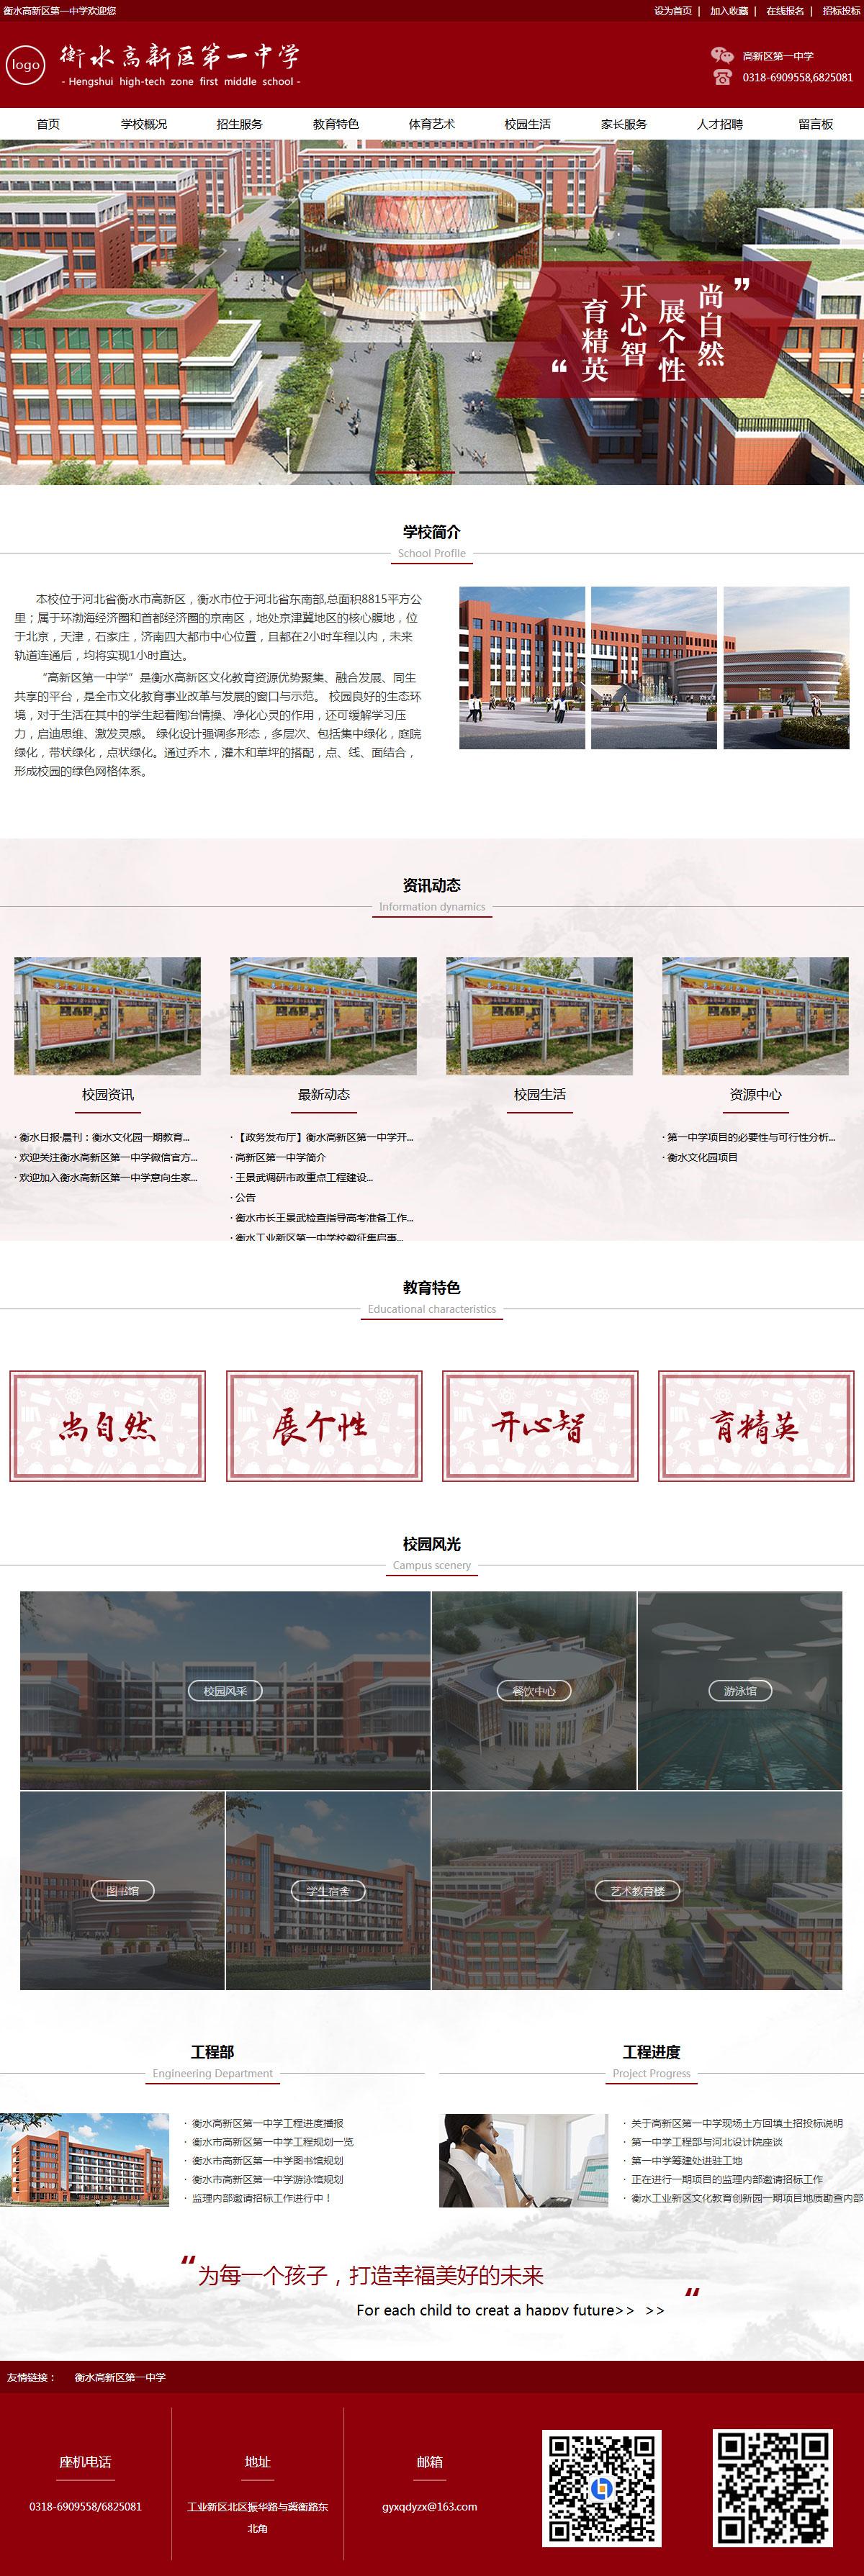 衡水高新区第一中学.jpg